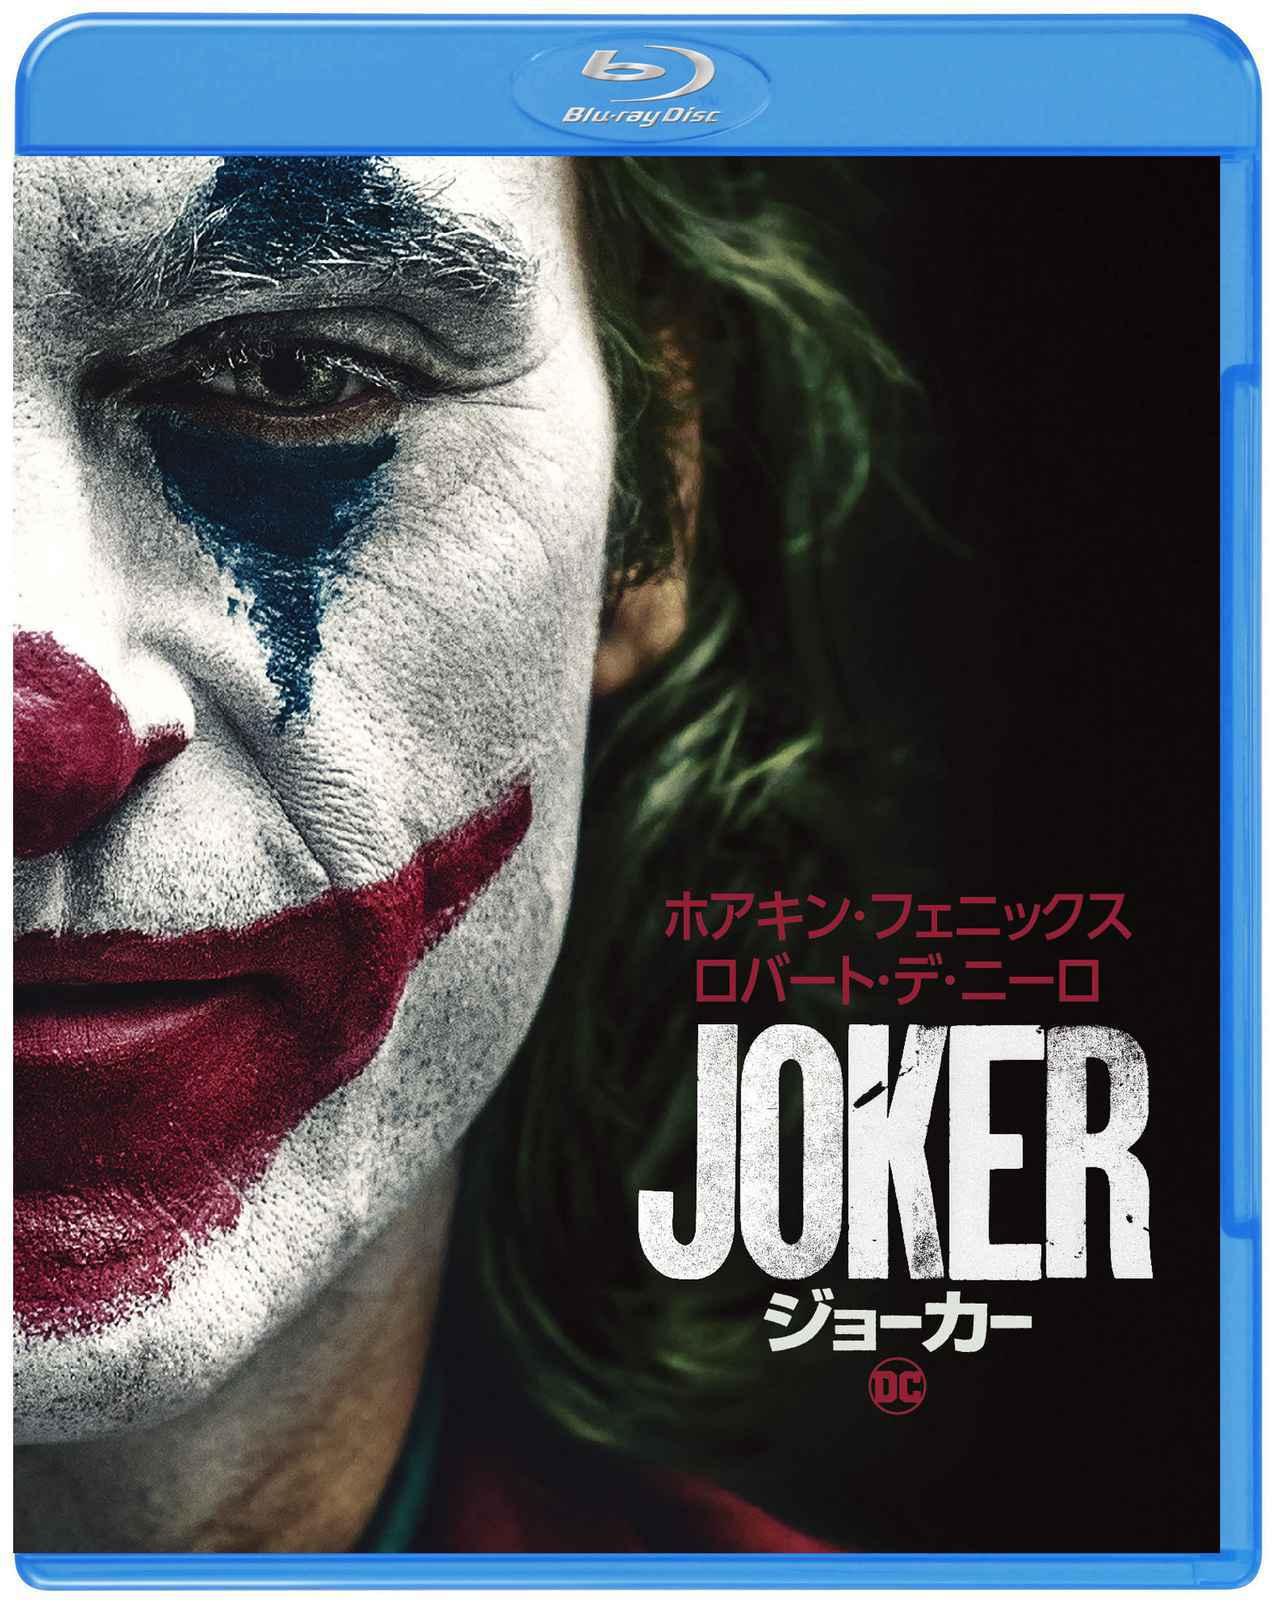 画像: TM & (C) DC. Joker (C) 2019 Warner Bros. Entertainment Inc., Village Roadshow Films (BVI) Limited and BRON Creative USA, Corp. All rights reserved. ブルーレイ&DVDセット \4,980(税込)